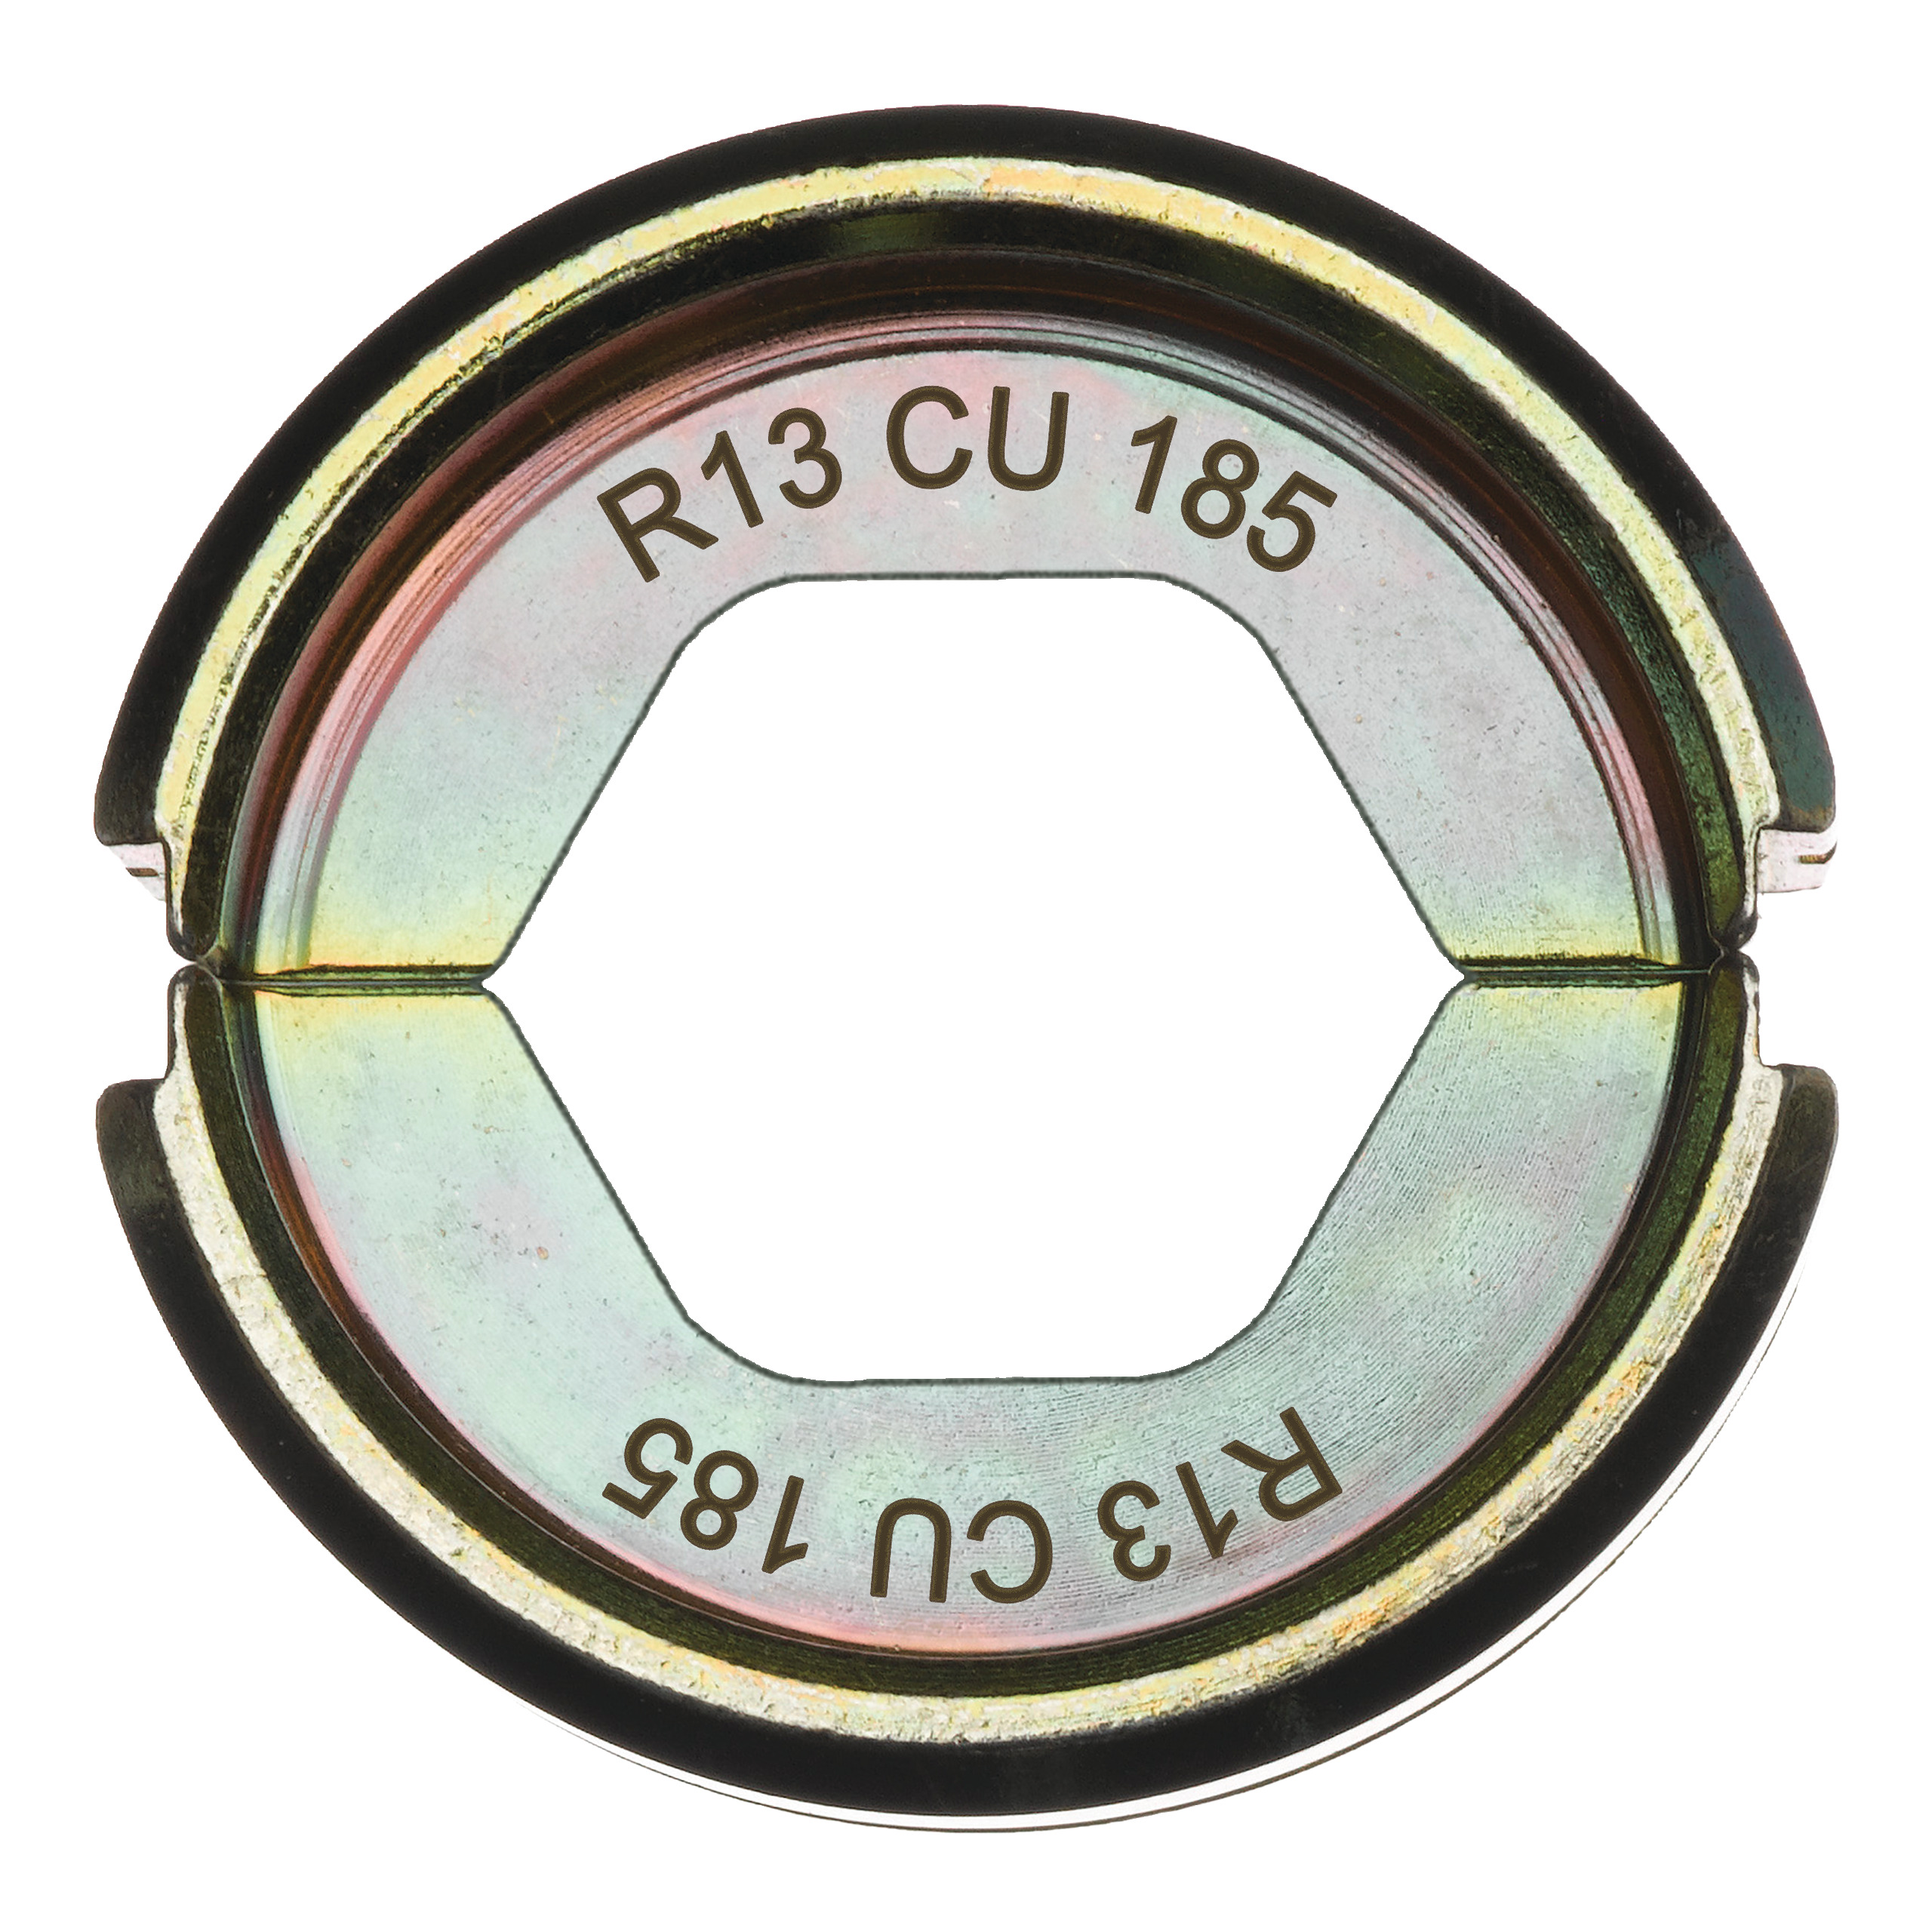 R13 CU 185-1PC Pojistný kroužek